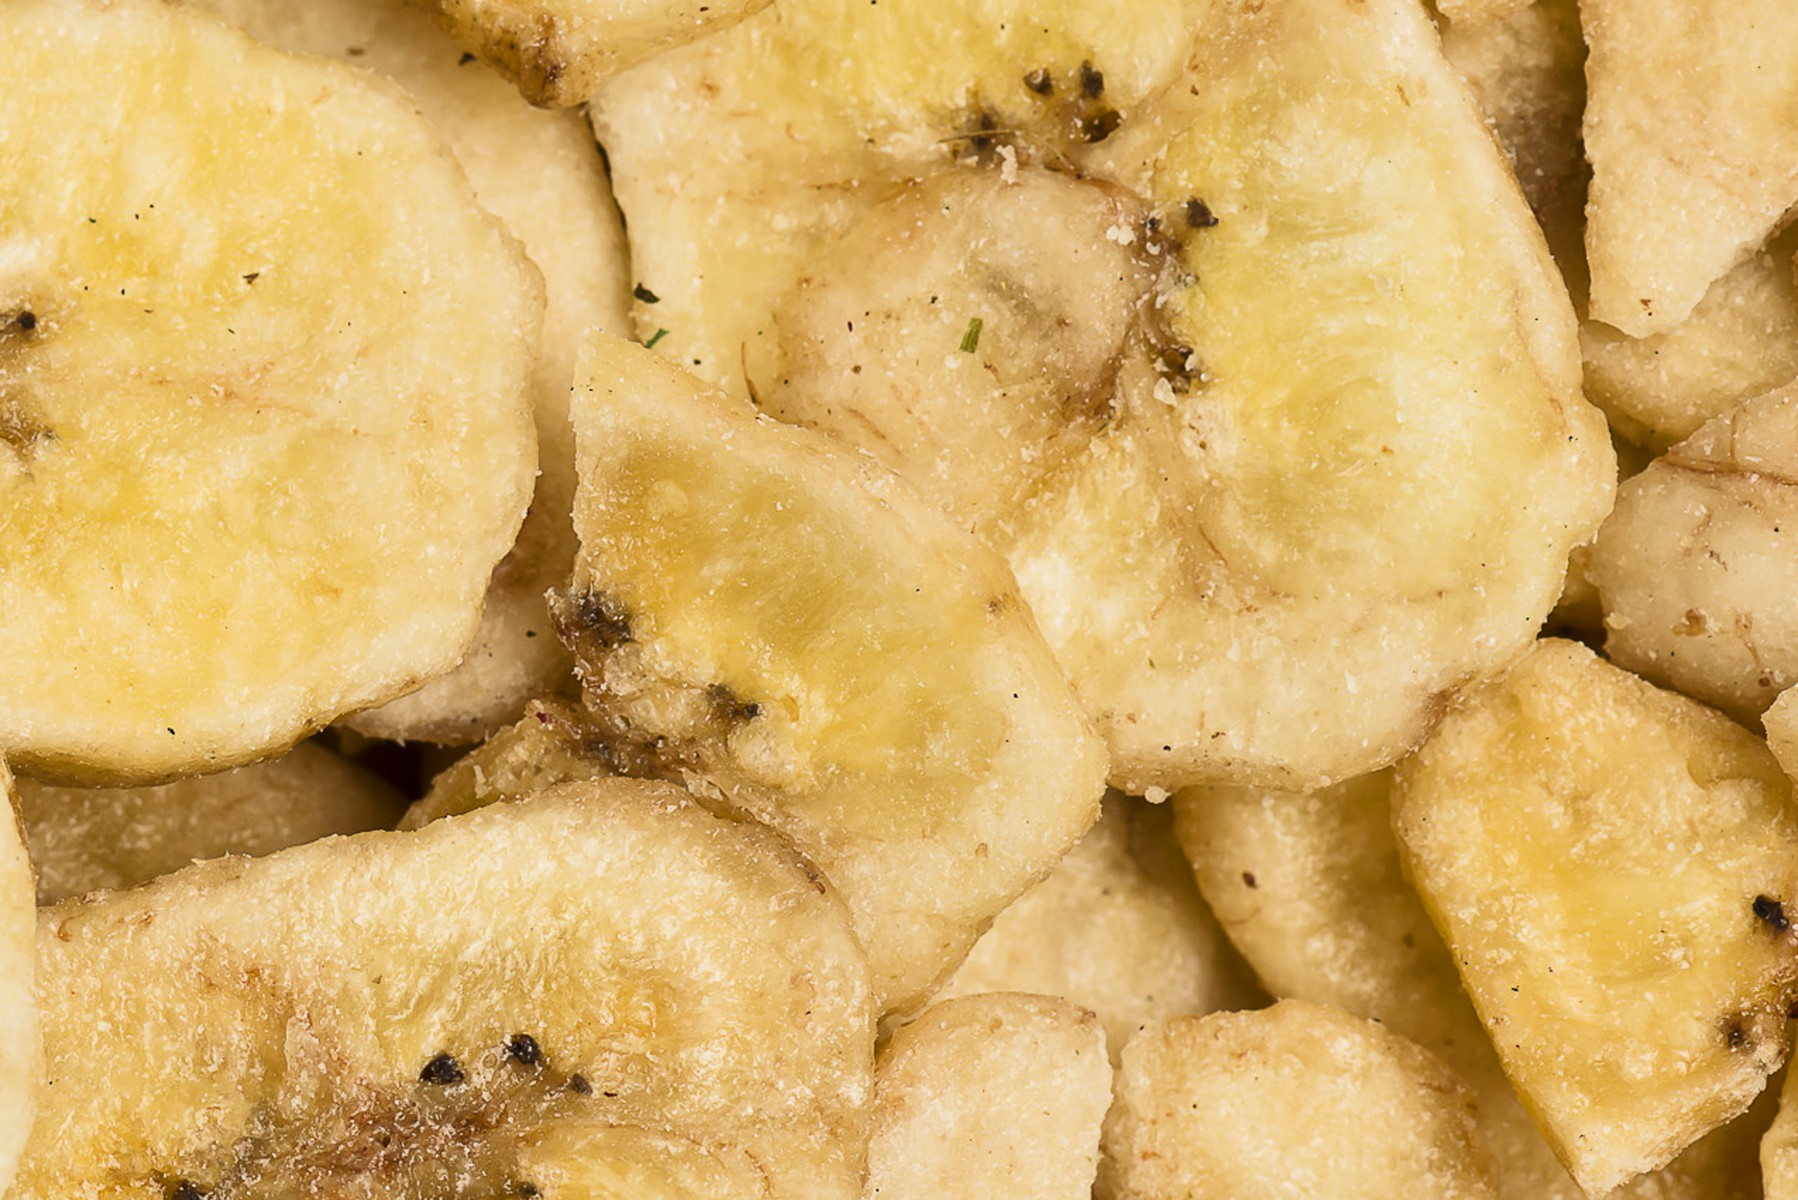 Geliebte Bananen 100g- @UY_22